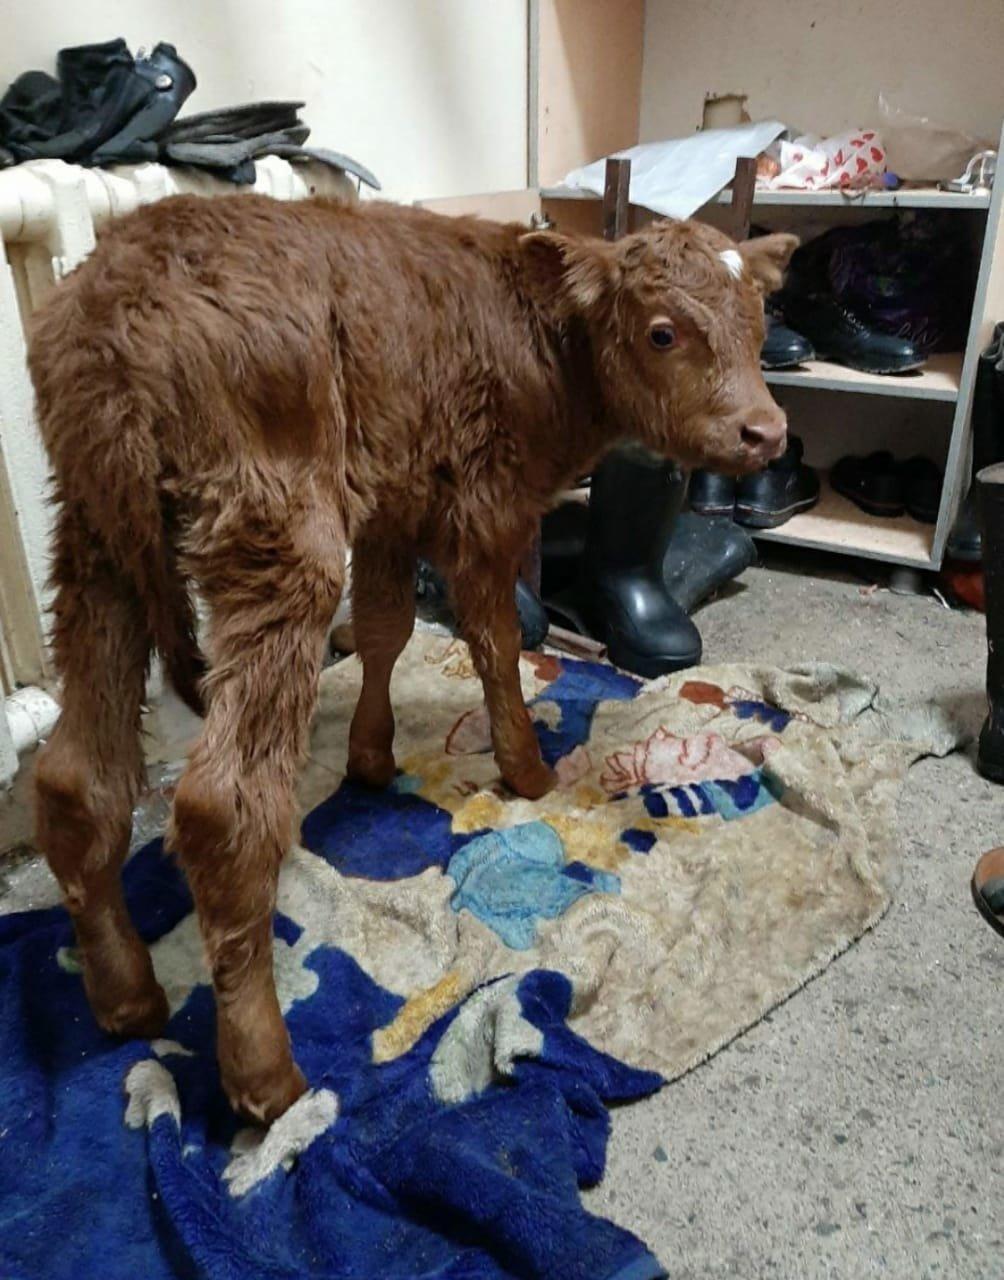 Алматинский зооволонтер рассказала историю спасенного теленка, родившегося на скотобойне, фото-1